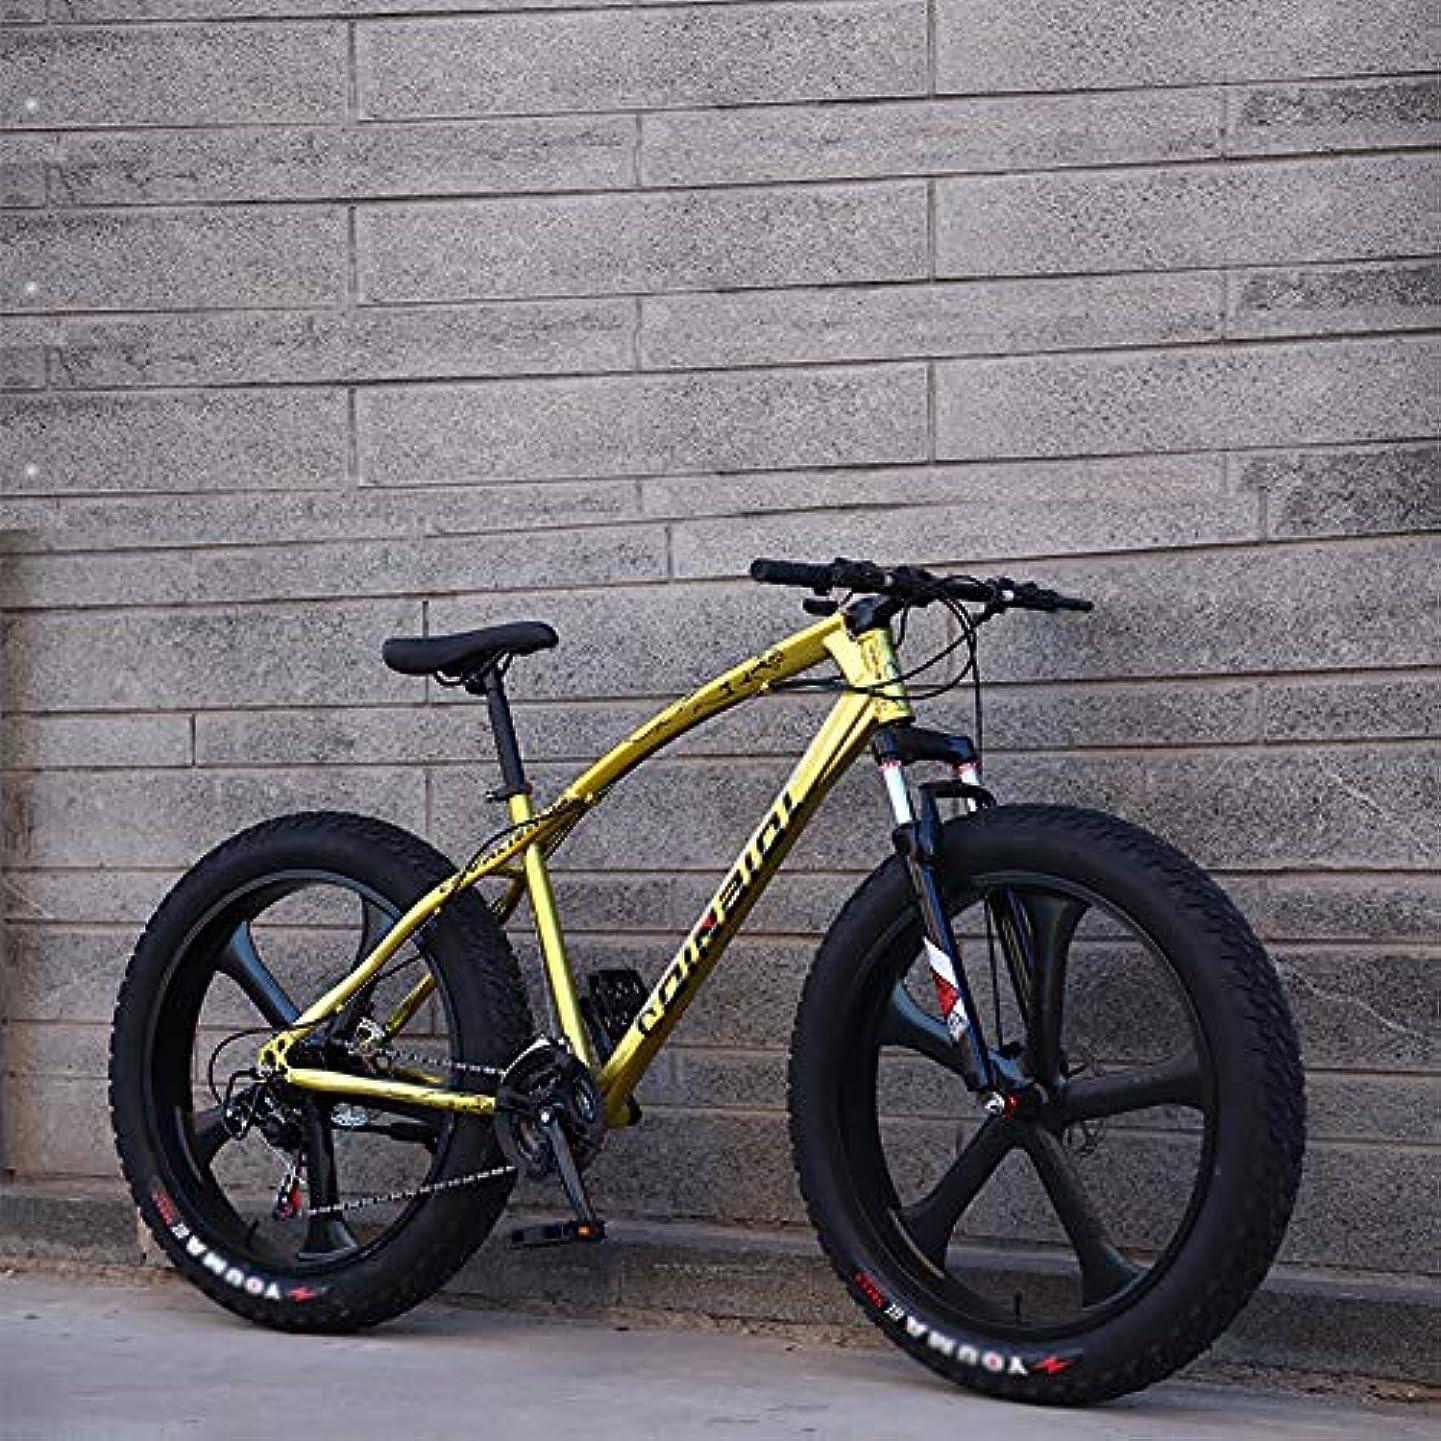 恐れ世界の窓間に合わせ26インチ 脂肪タイヤ サイクル,男性 女性 学生 可変速度 自転車,男性'S 高-炭素鋼 フレーム ハードテイル クロスバイク